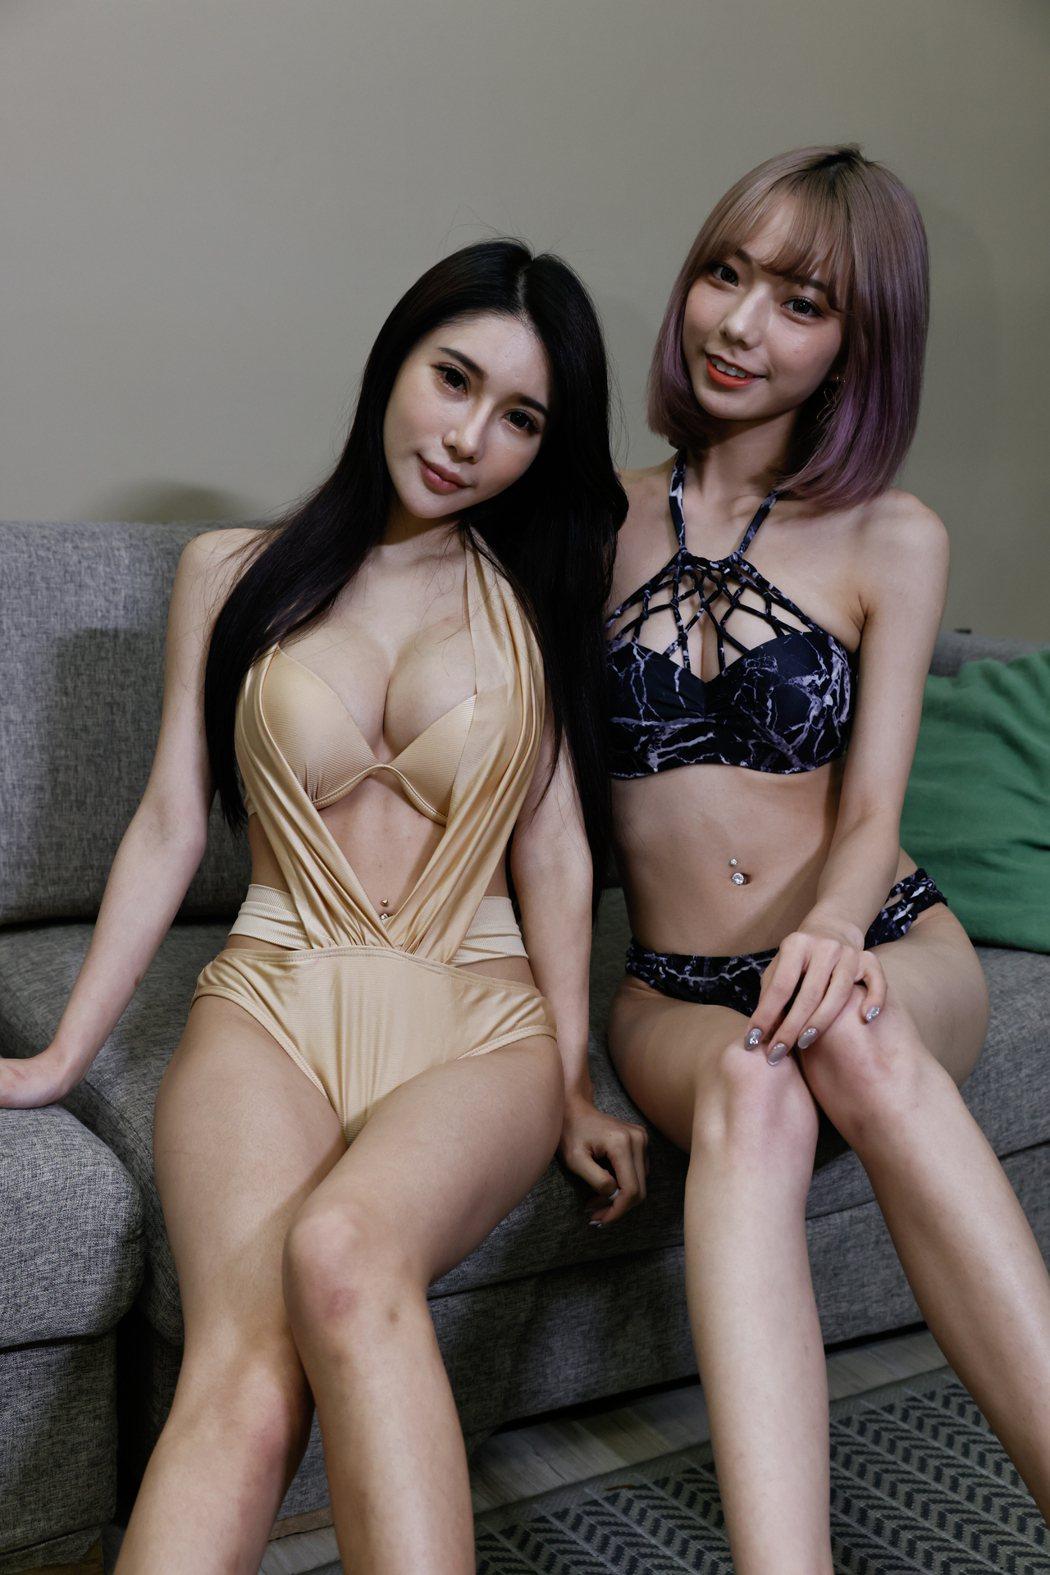 啾啾和網紅琪琪一起受訪。記者葉信菉/攝影